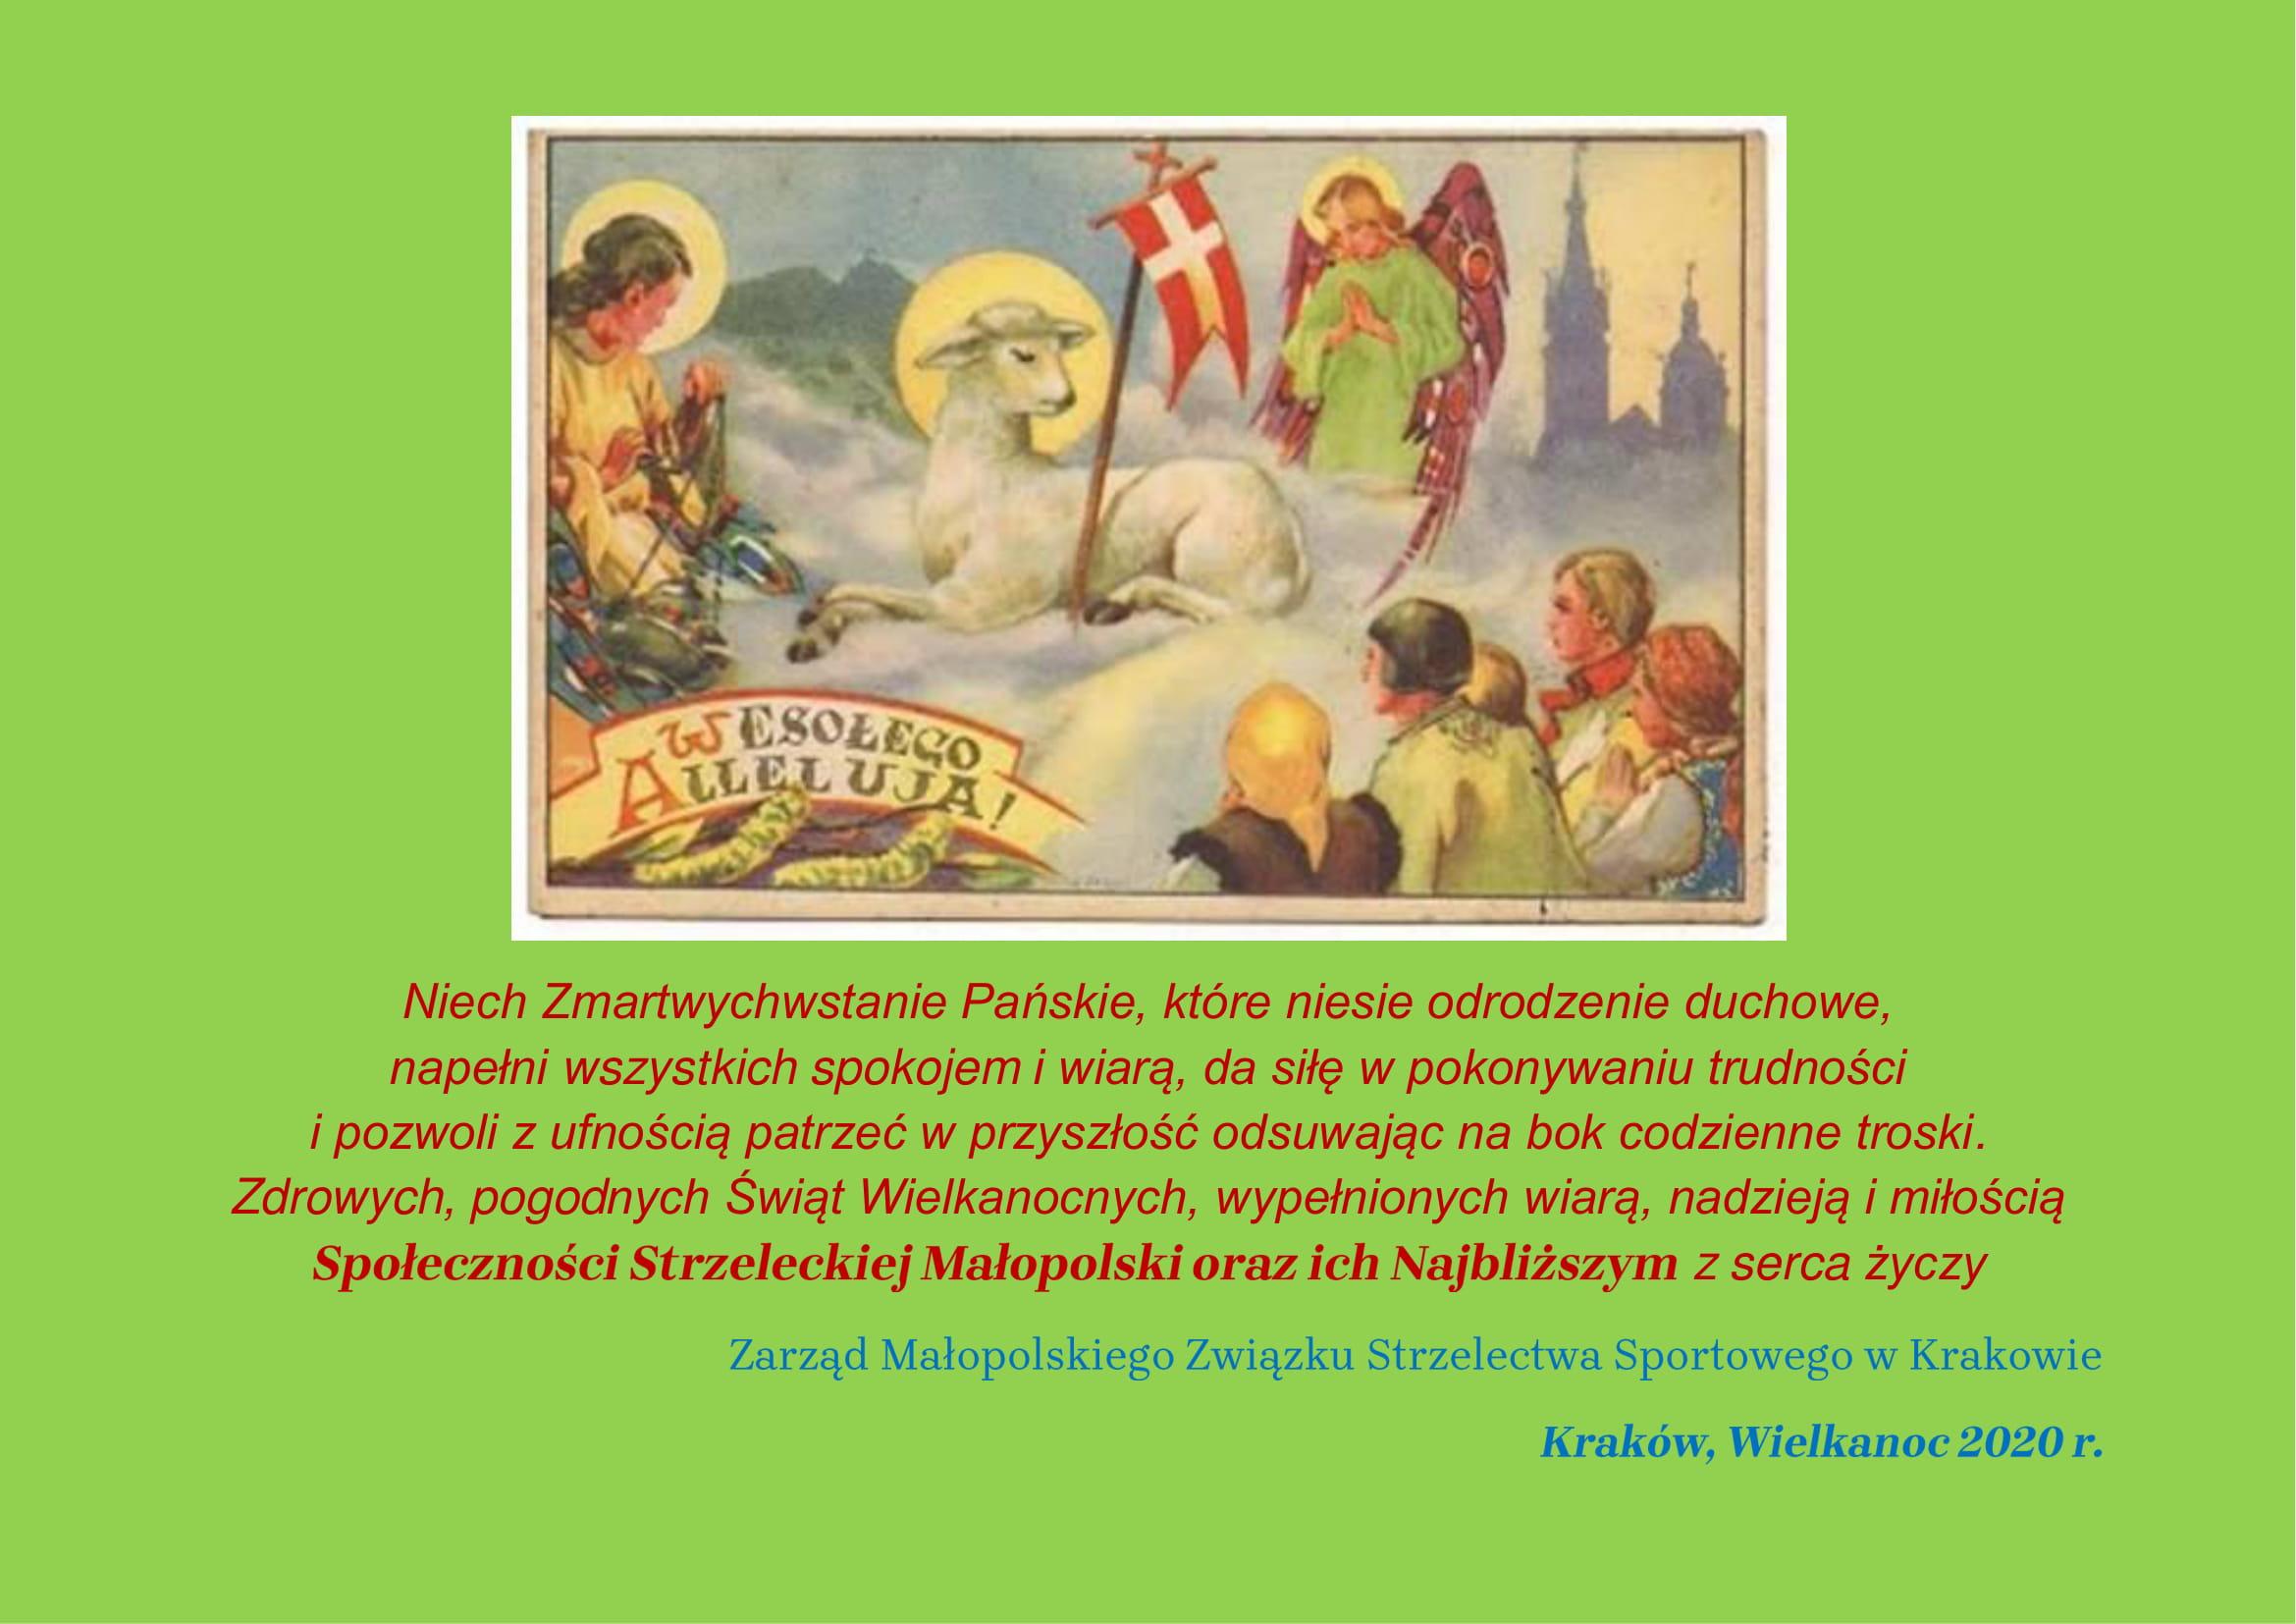 Życzeń świątecznych od Zarządu